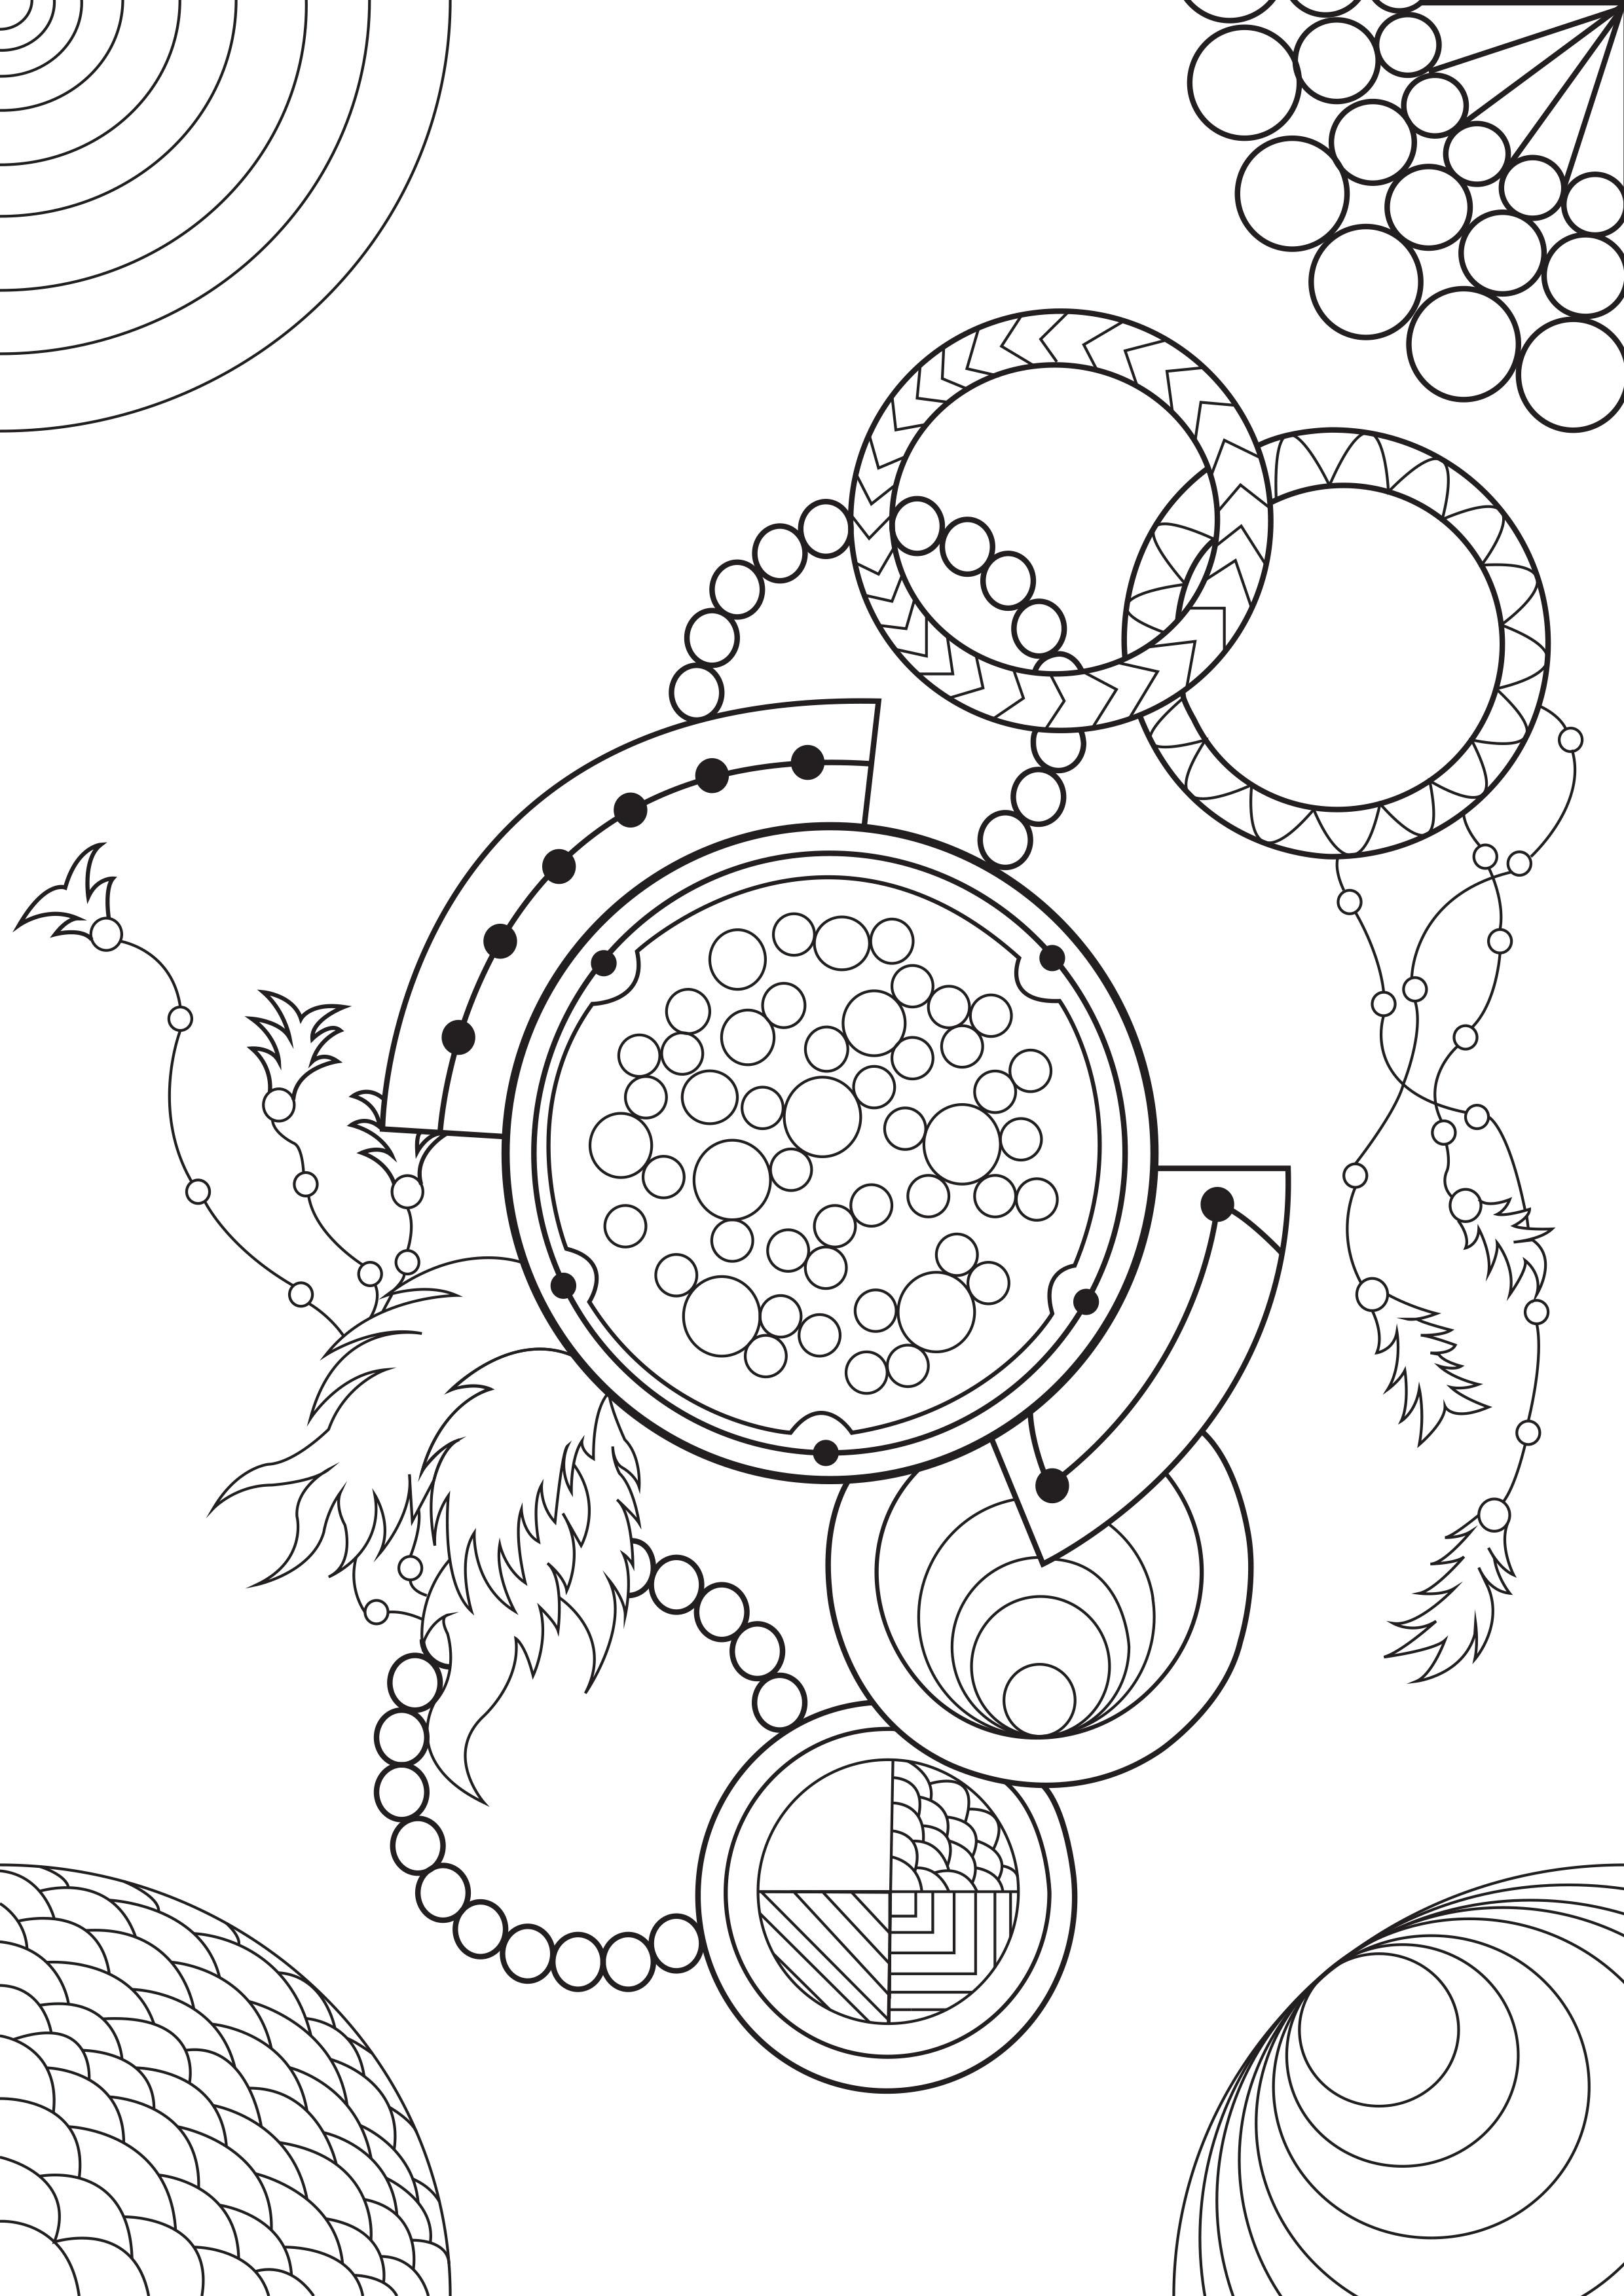 Colorear para Adultos : Anti-stress / Zen - 1